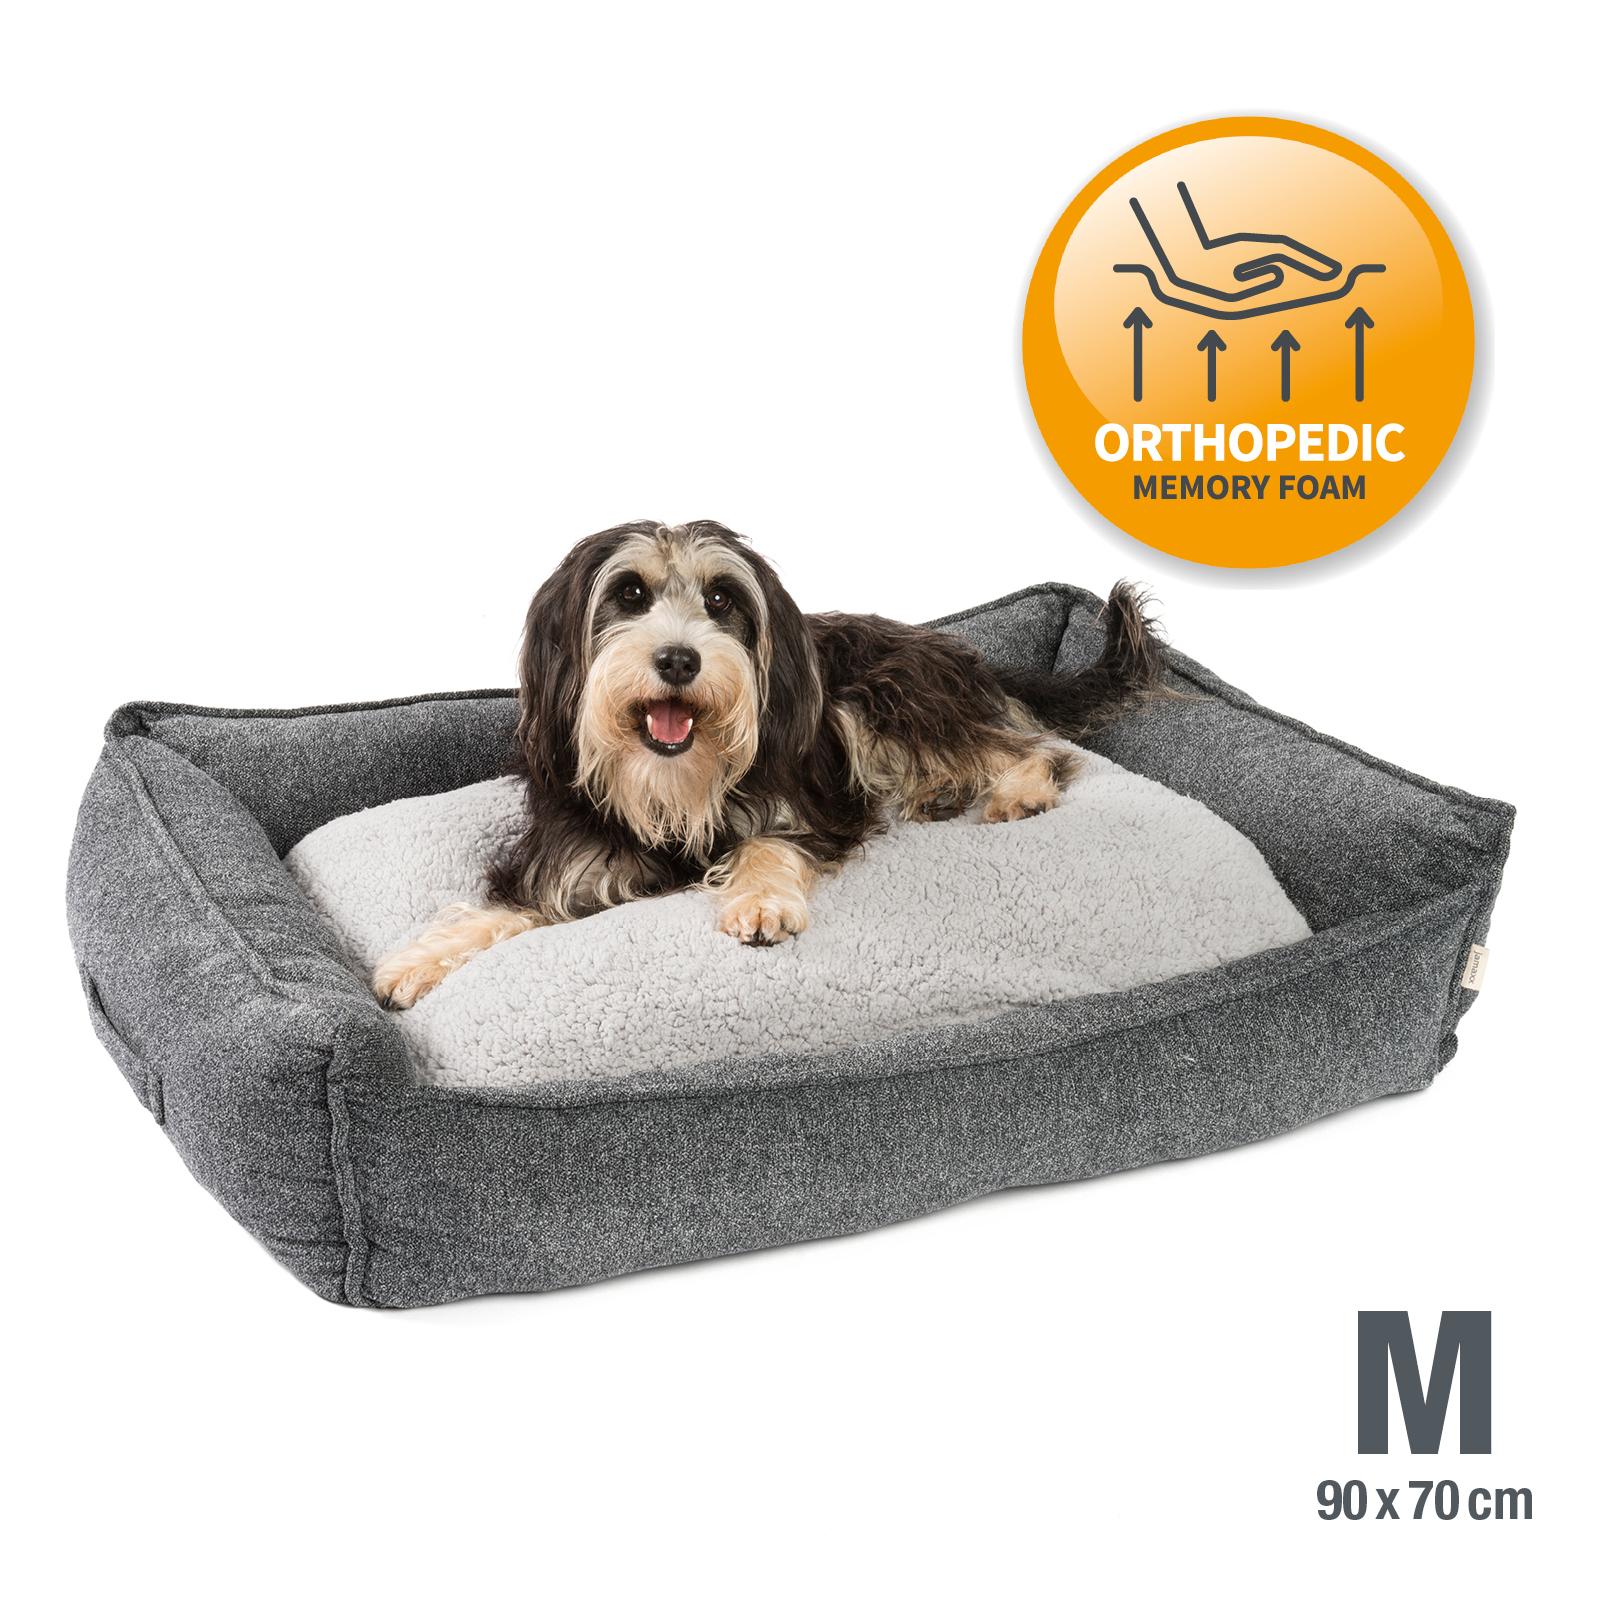 Full Size of Hundebett Flocke 120 Cm Bitiba 125 Xxl 90 Zooplus Kaufen Premium Orthopdisches Wohnzimmer Hundebett Flocke